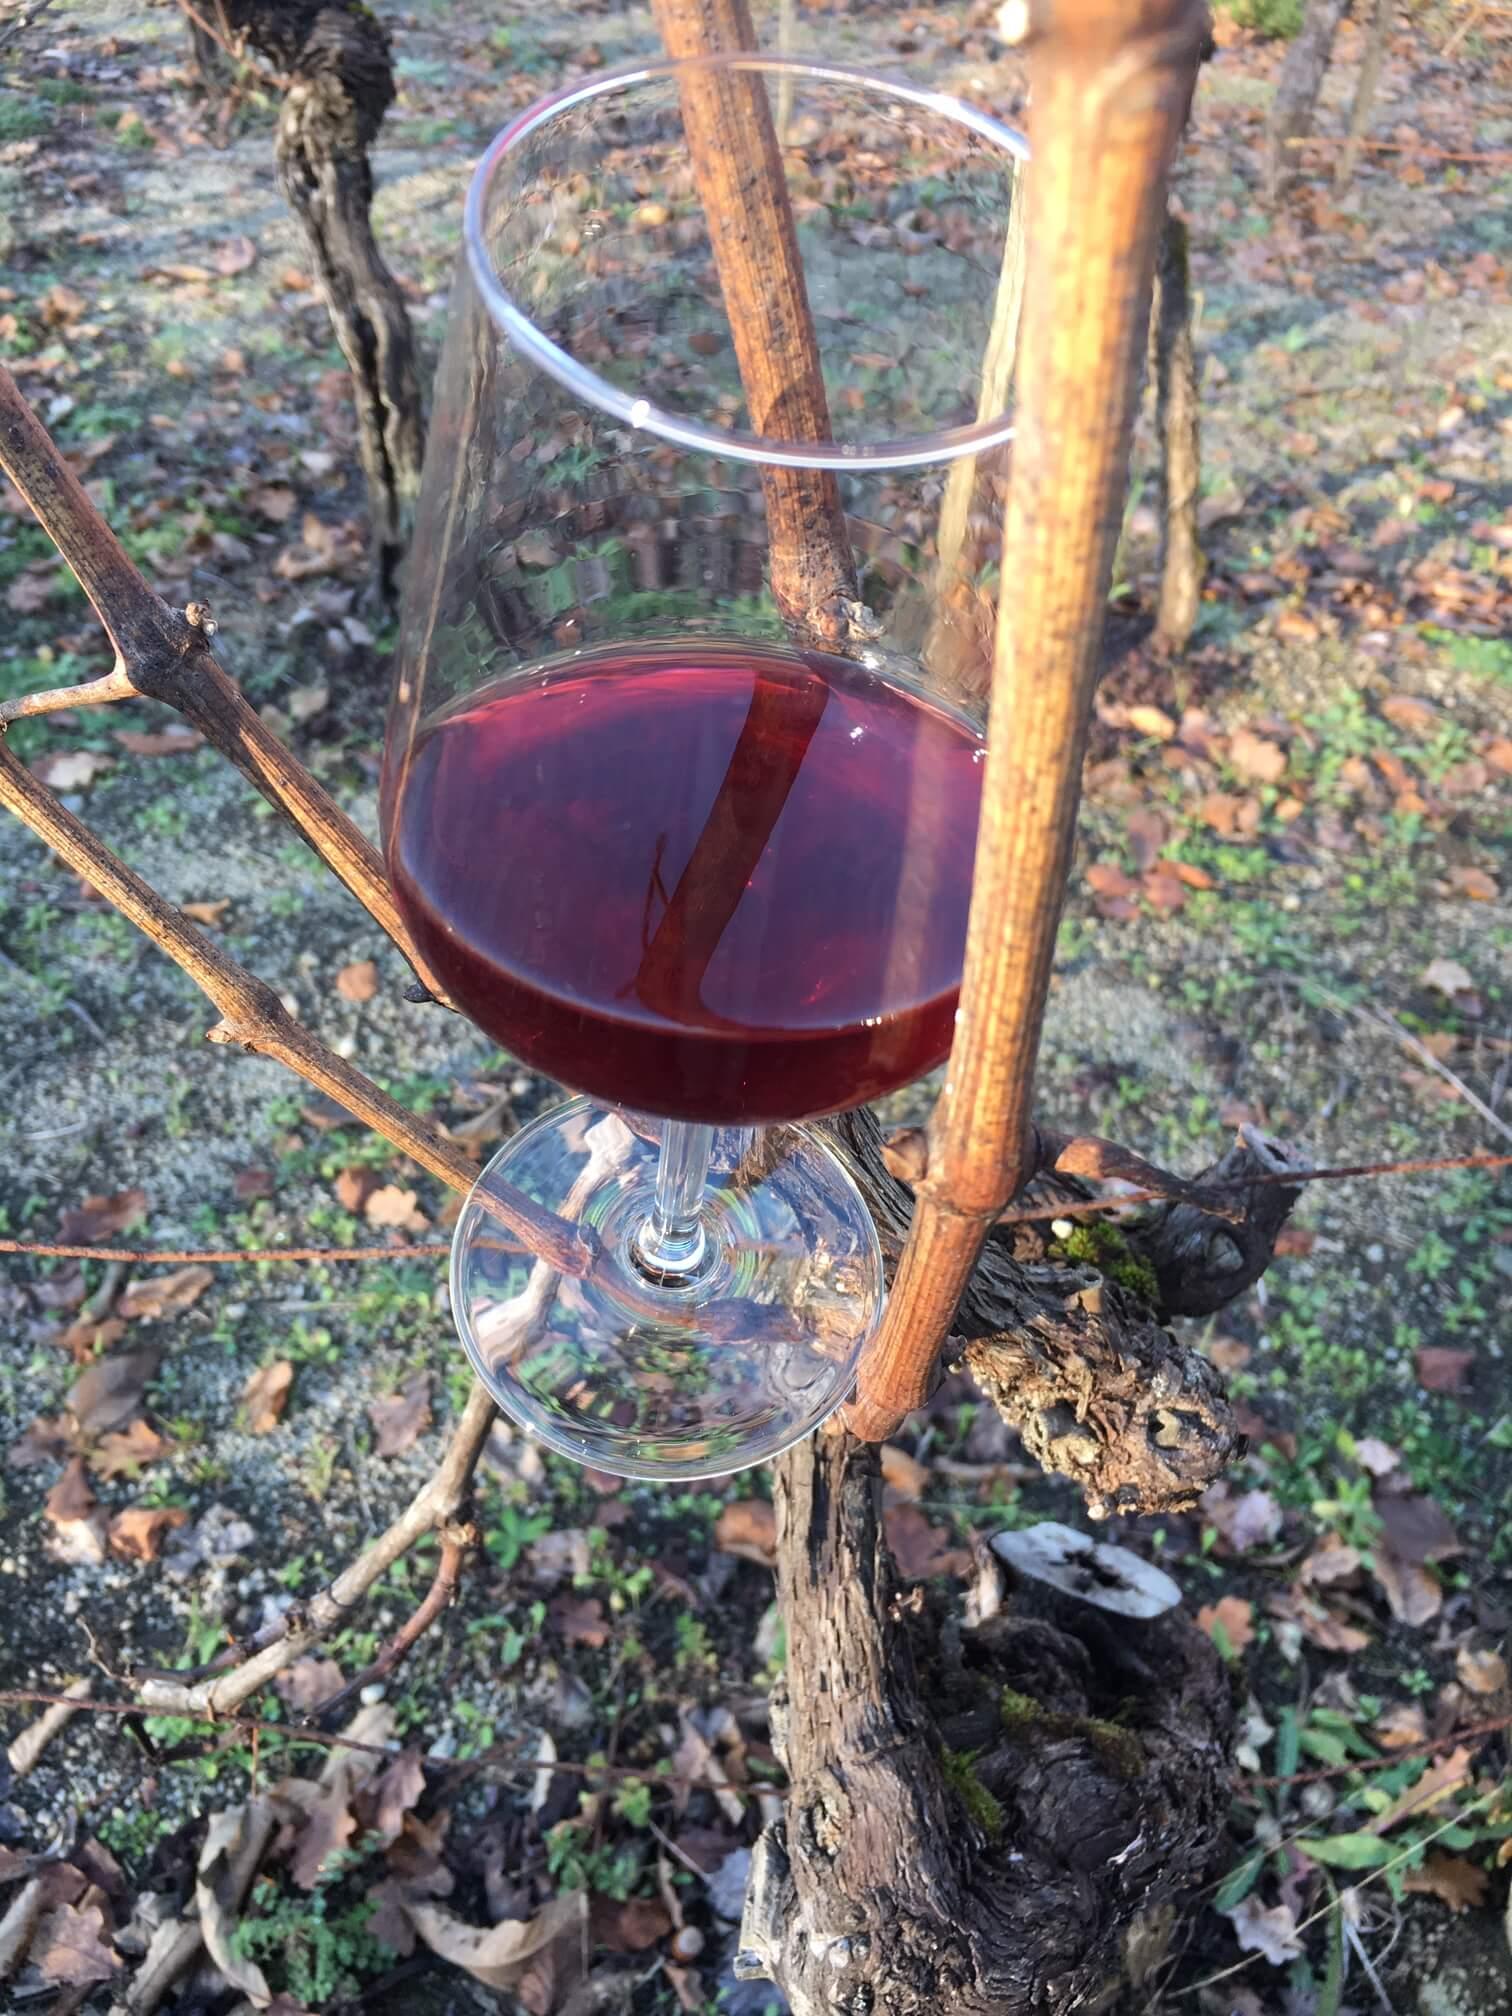 Det er årets siste arbeid med den nye vinen. Den trenger en siste hånd før vinteren setter inn. Vinen skal pumpes over fra en tank til en annen, og den kan prøvesmakes. I den lave desembersola dukker det opp farger og liv på vingården i Italia.